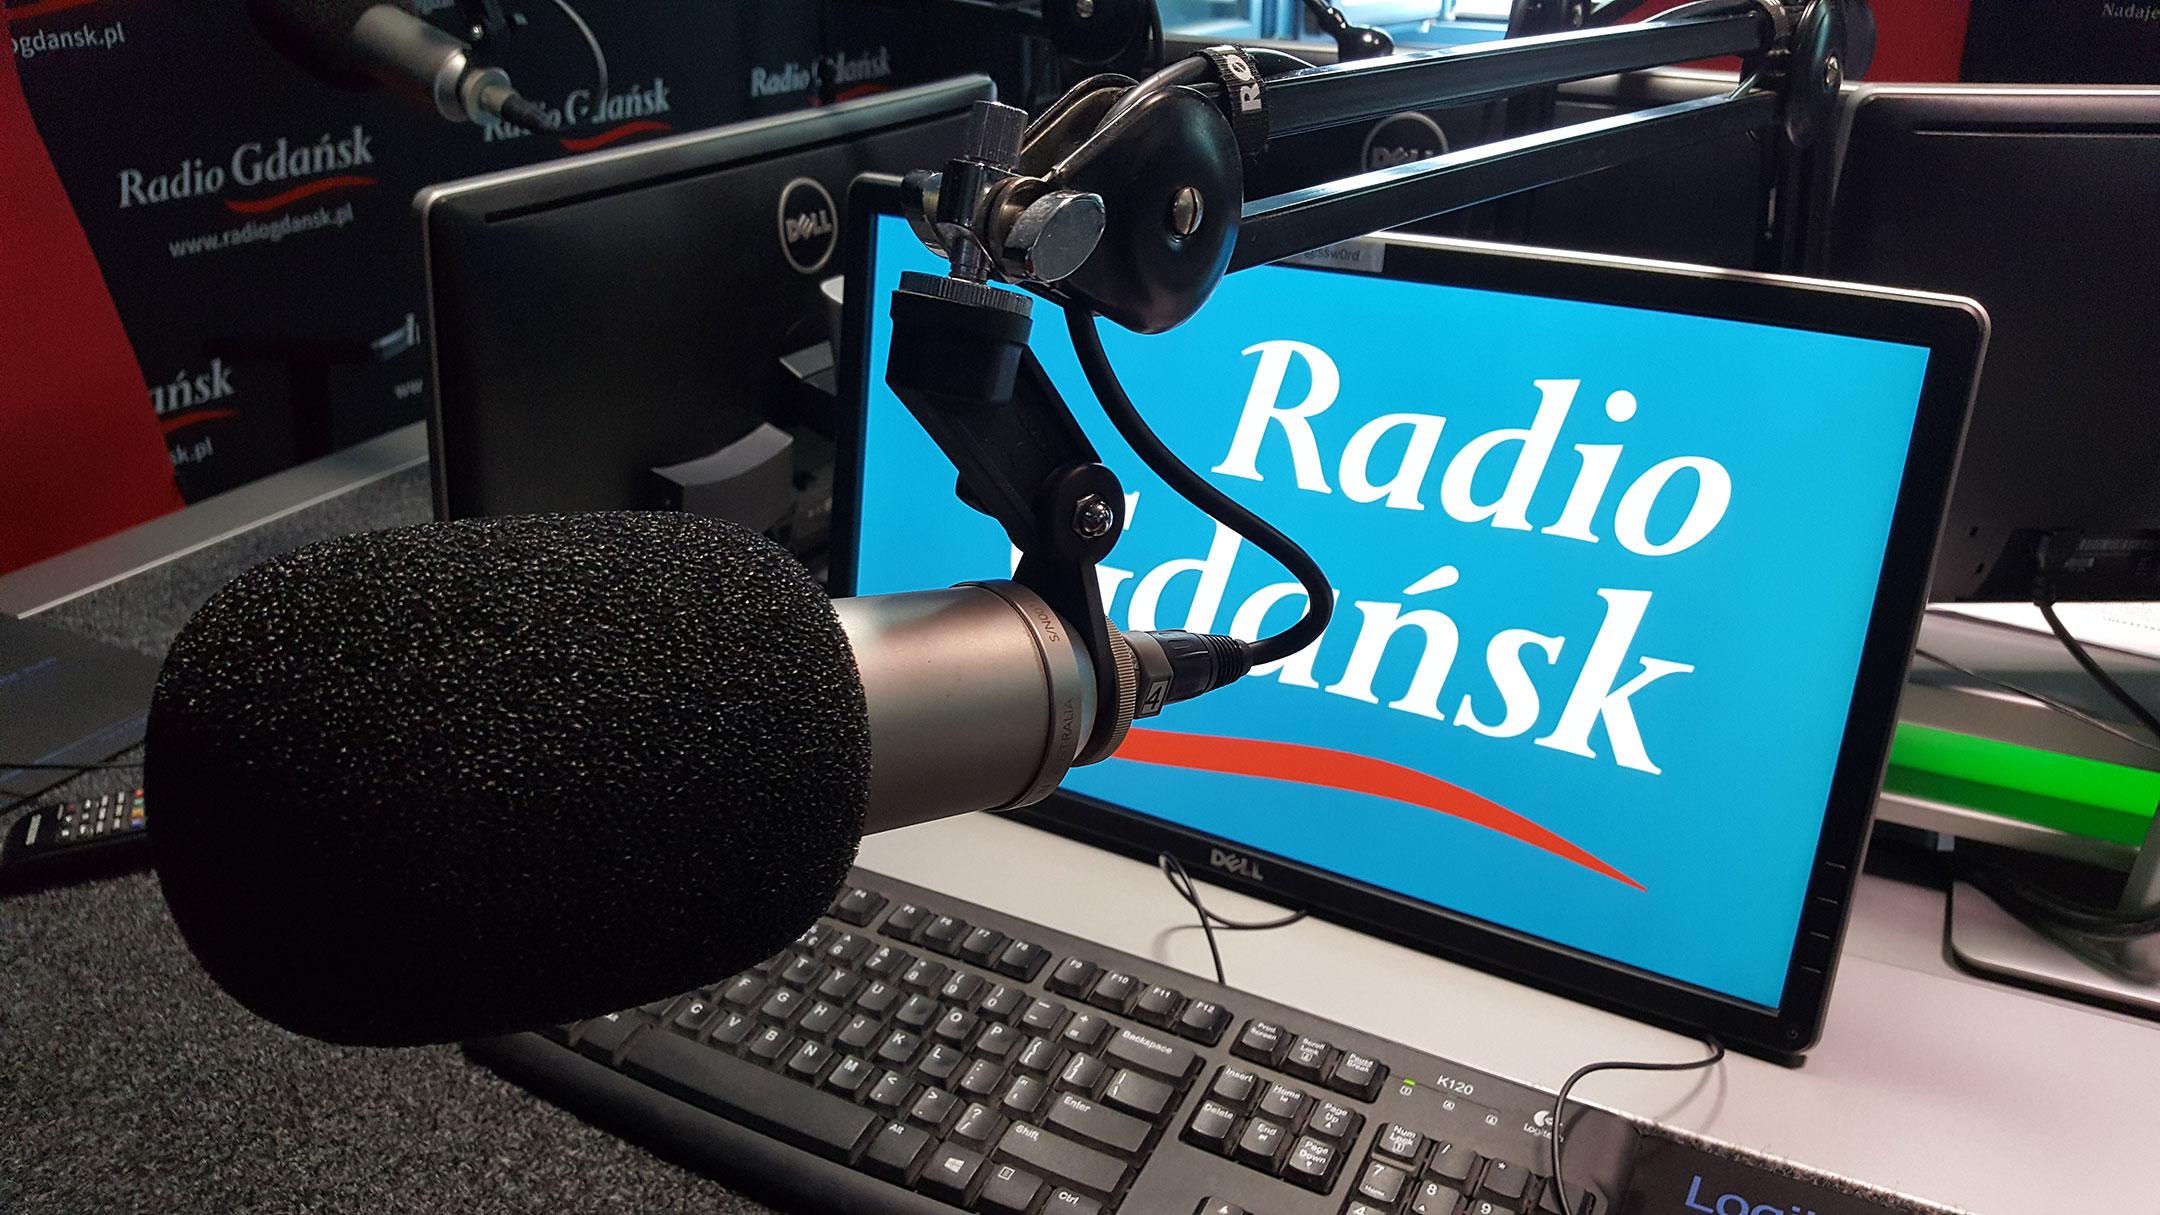 GFKM Radio Gdańsk